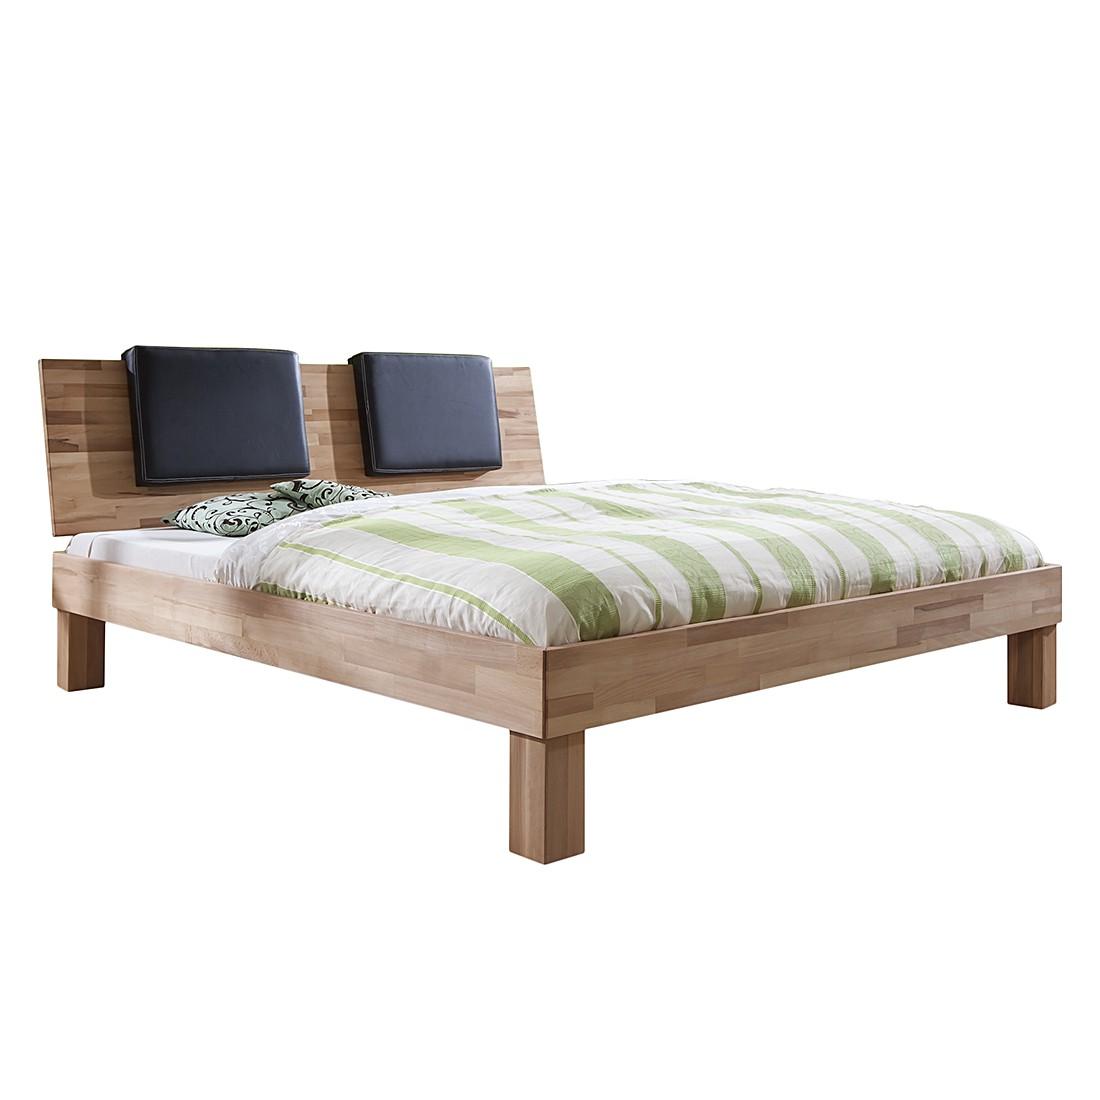 Massivholzbett Max (optional Bettkästen) – 90 x 200cm – 2 Bettkästen & Regal – Buche Natur geölt, Relita kaufen